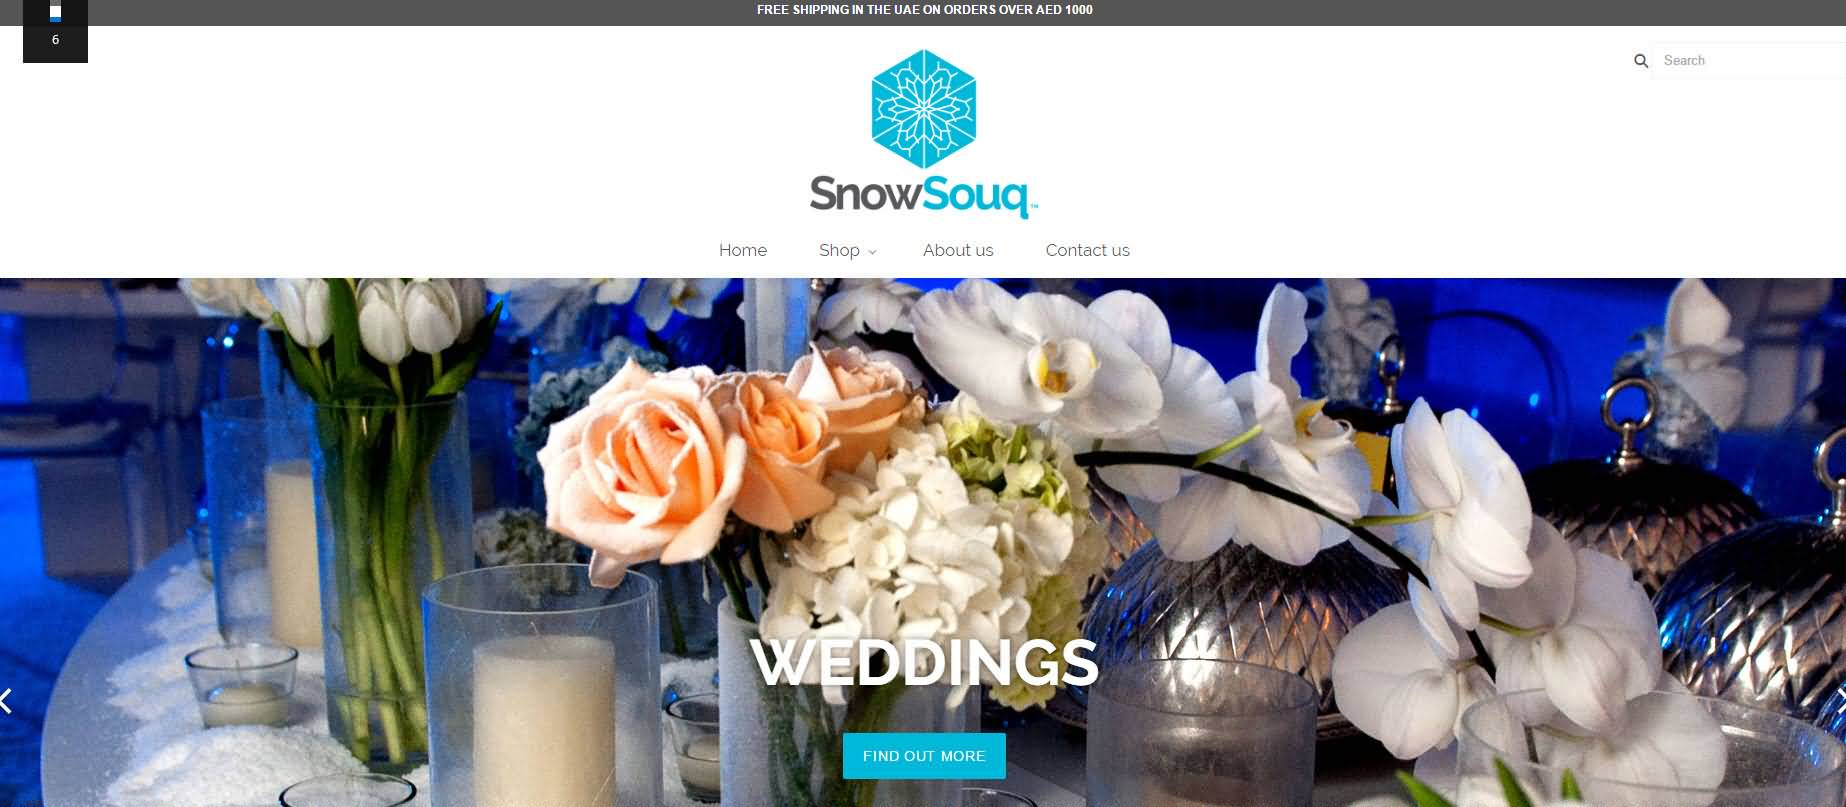 متجر الثلج .. المتجر الأول من نوعه على الإنترنت في الإمارات